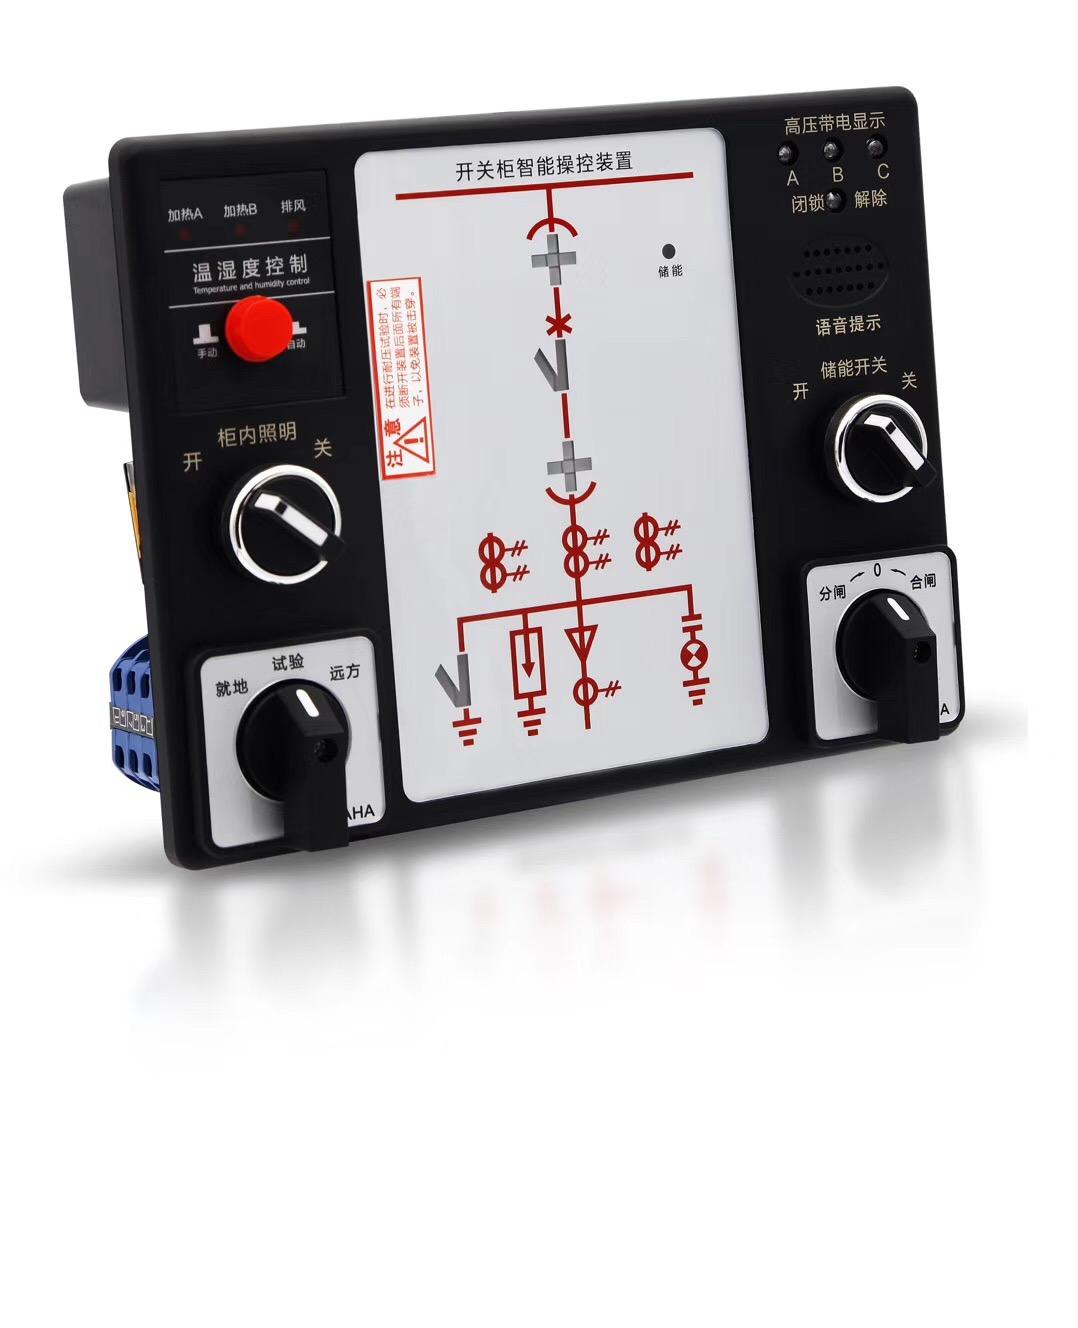 衡水深州HYDC-6過電壓保護器門市價